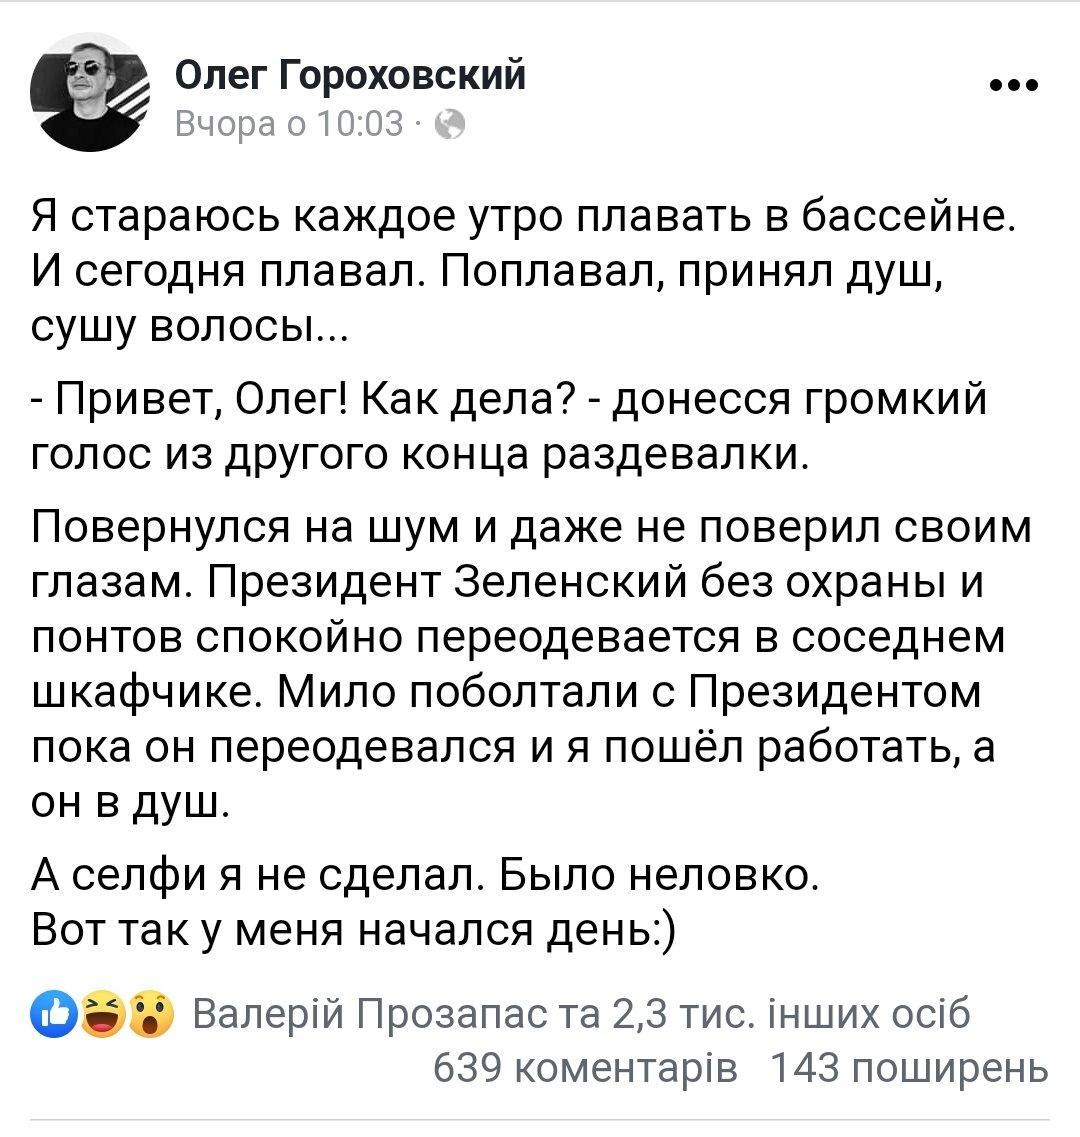 Создатель Монобанка Гороховский рассказал, как встретился в спортзале с переодевающимся Зеленским